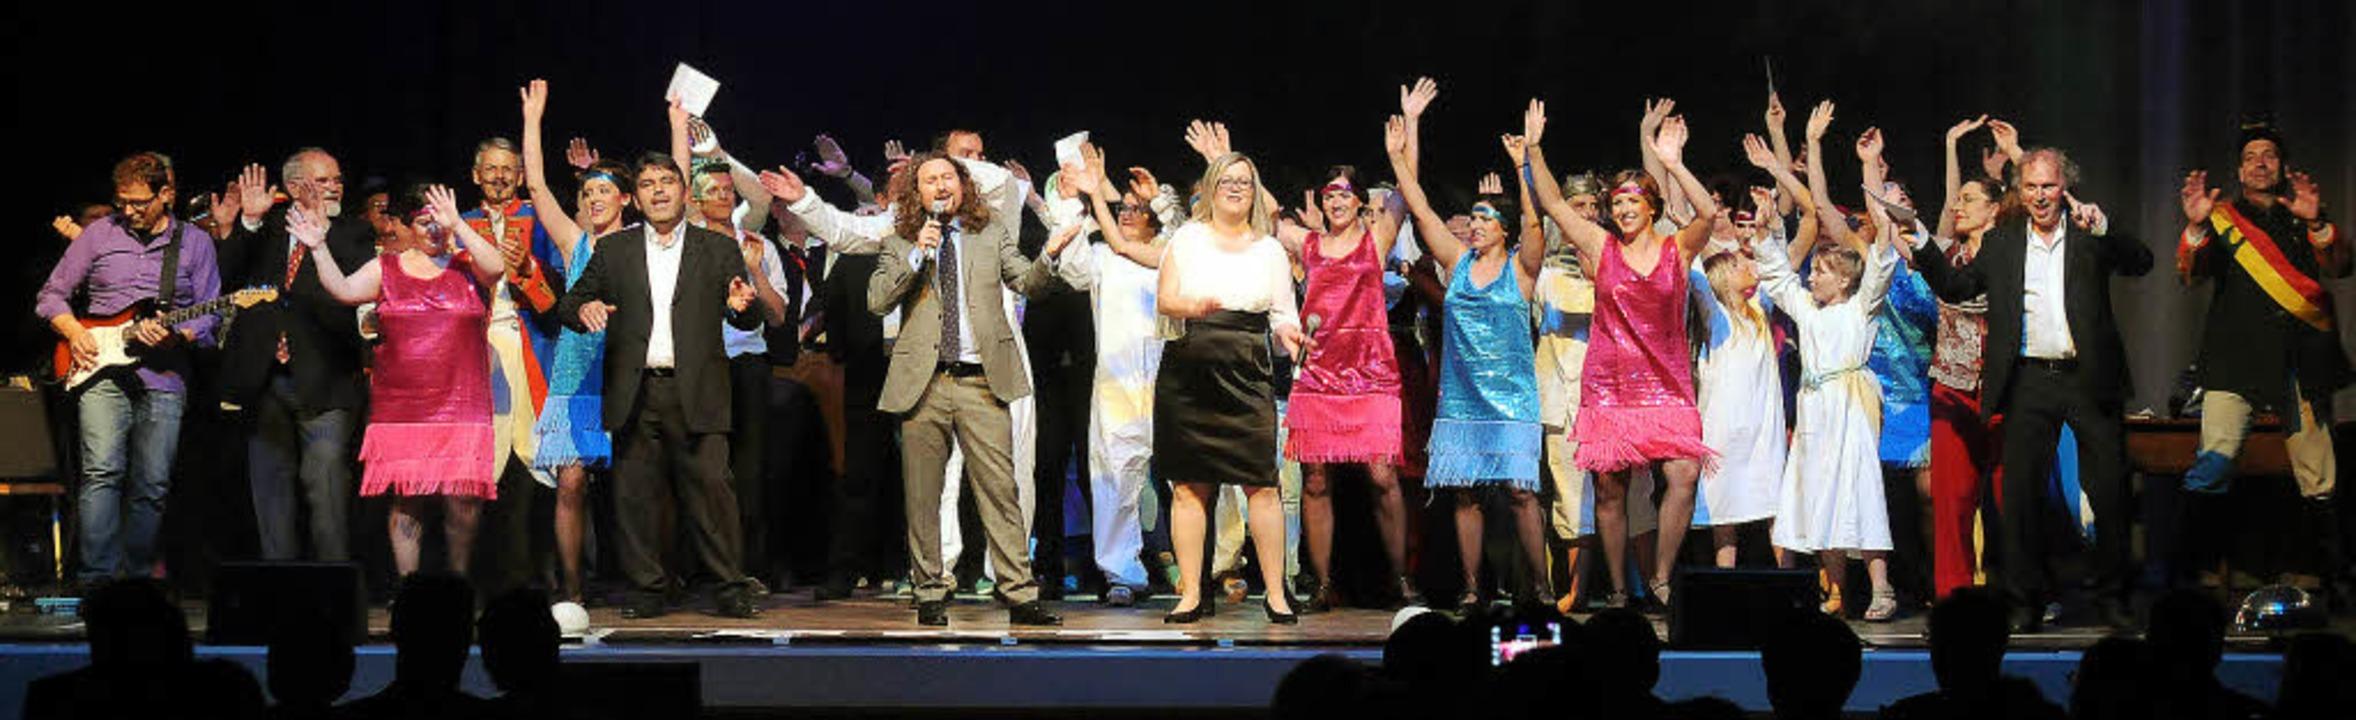 Großes Finale: Die Mitwirkenden der Bü...stehend begeistert Beifall klatschte.     Foto: Wolfgang Künstle